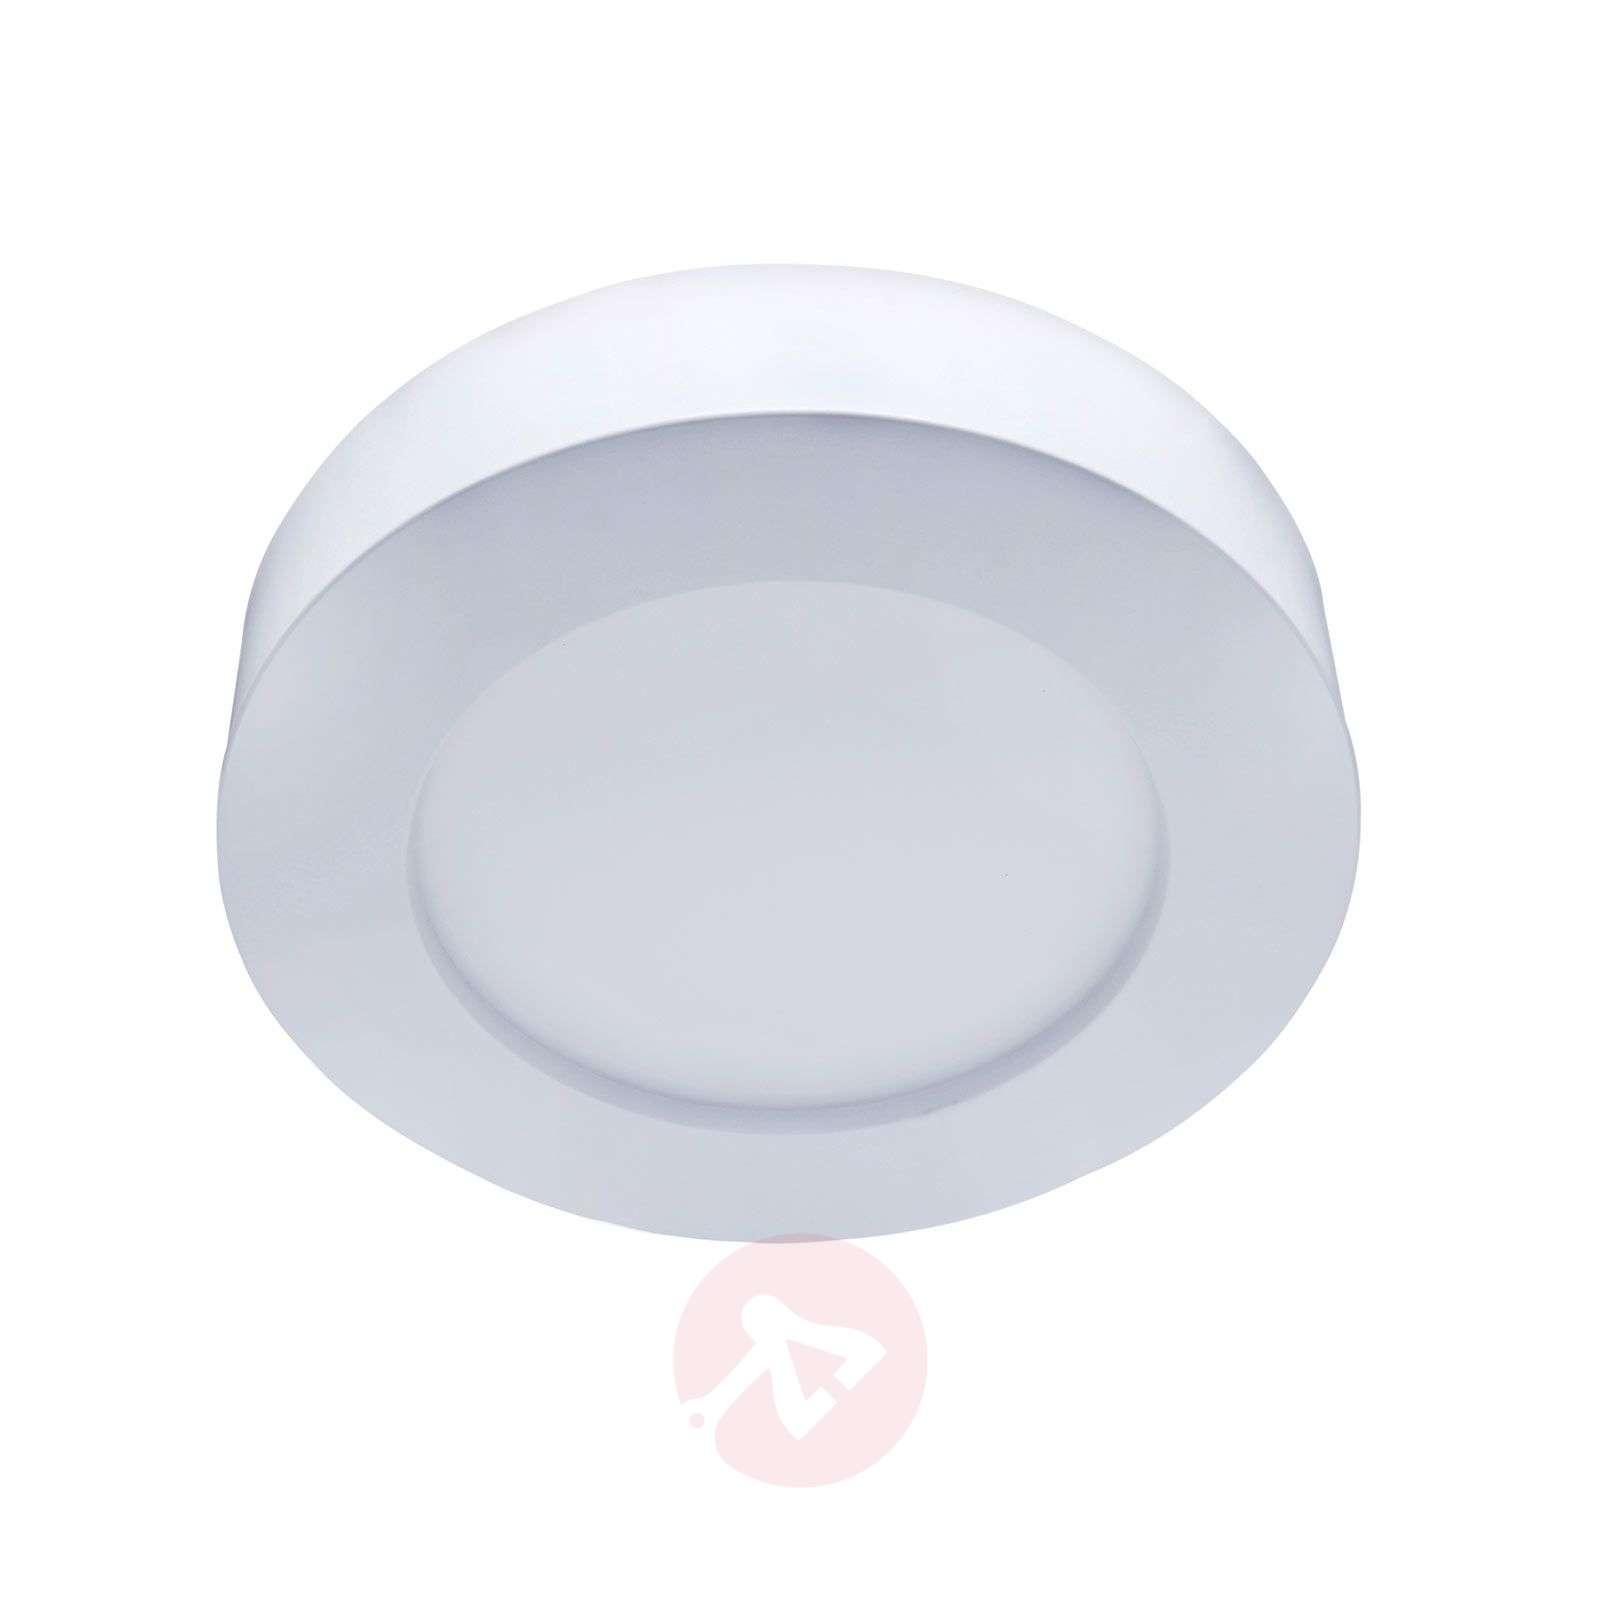 LED-kattovalaisin Marlo valk. 3000K pyöreä 18,2cm-9978091-02